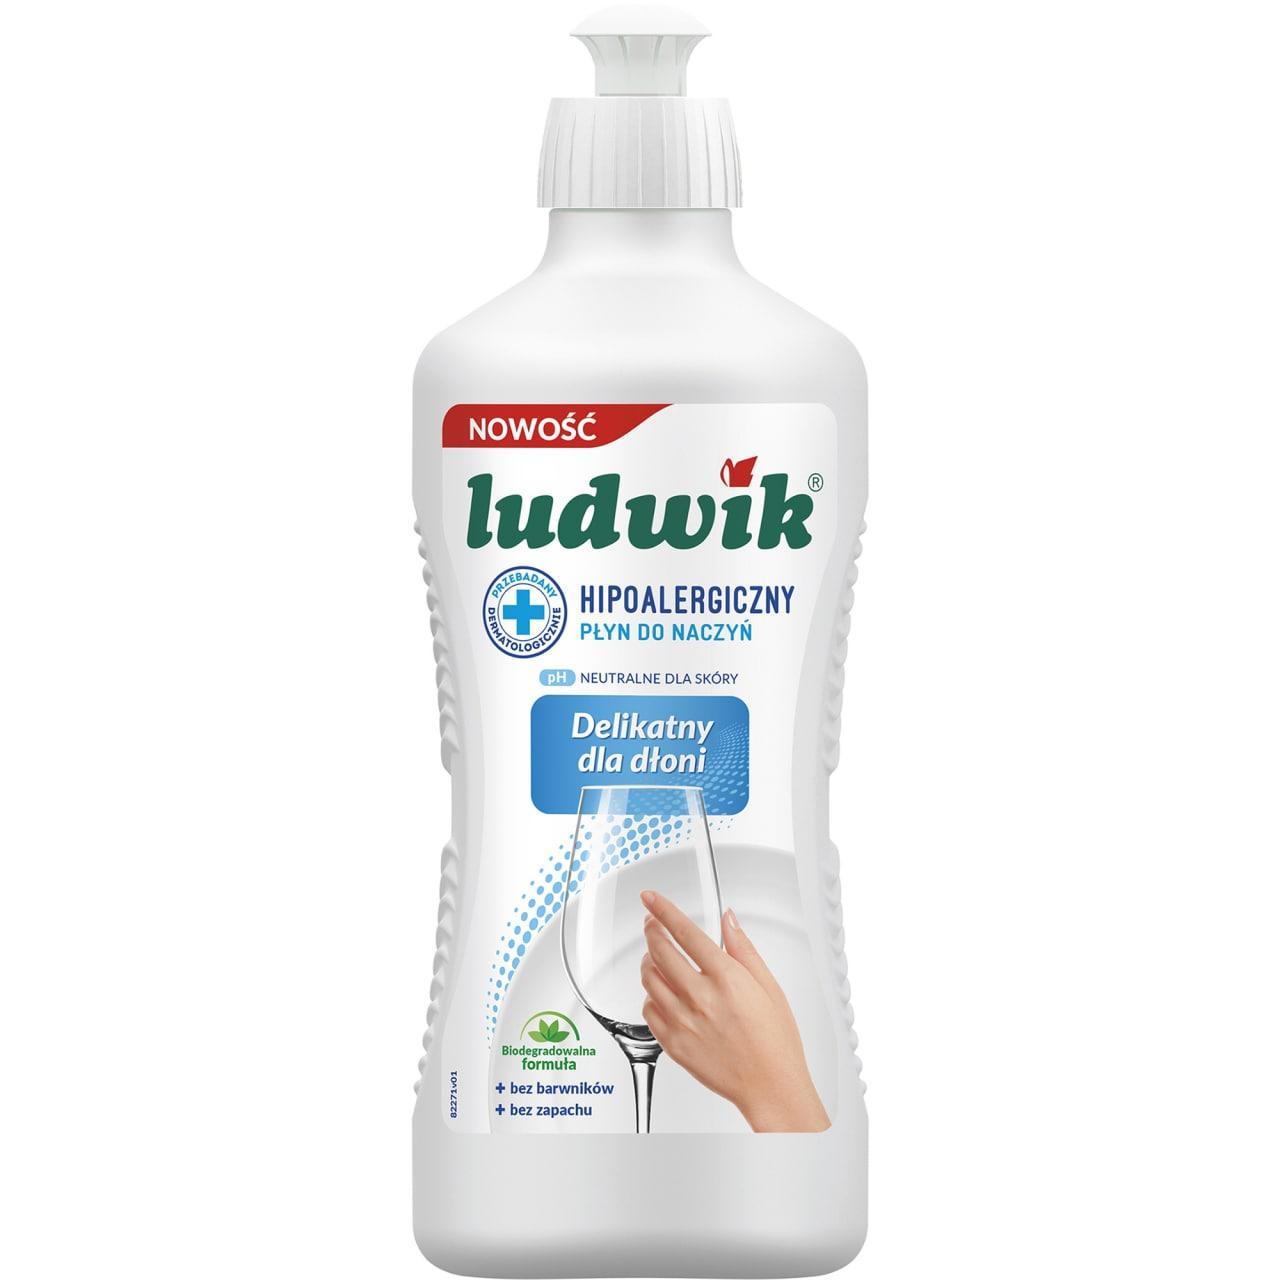 Средство для мытья посуды гипоалергенный Ludwik Hypoallergenic Людвик, 450 мл